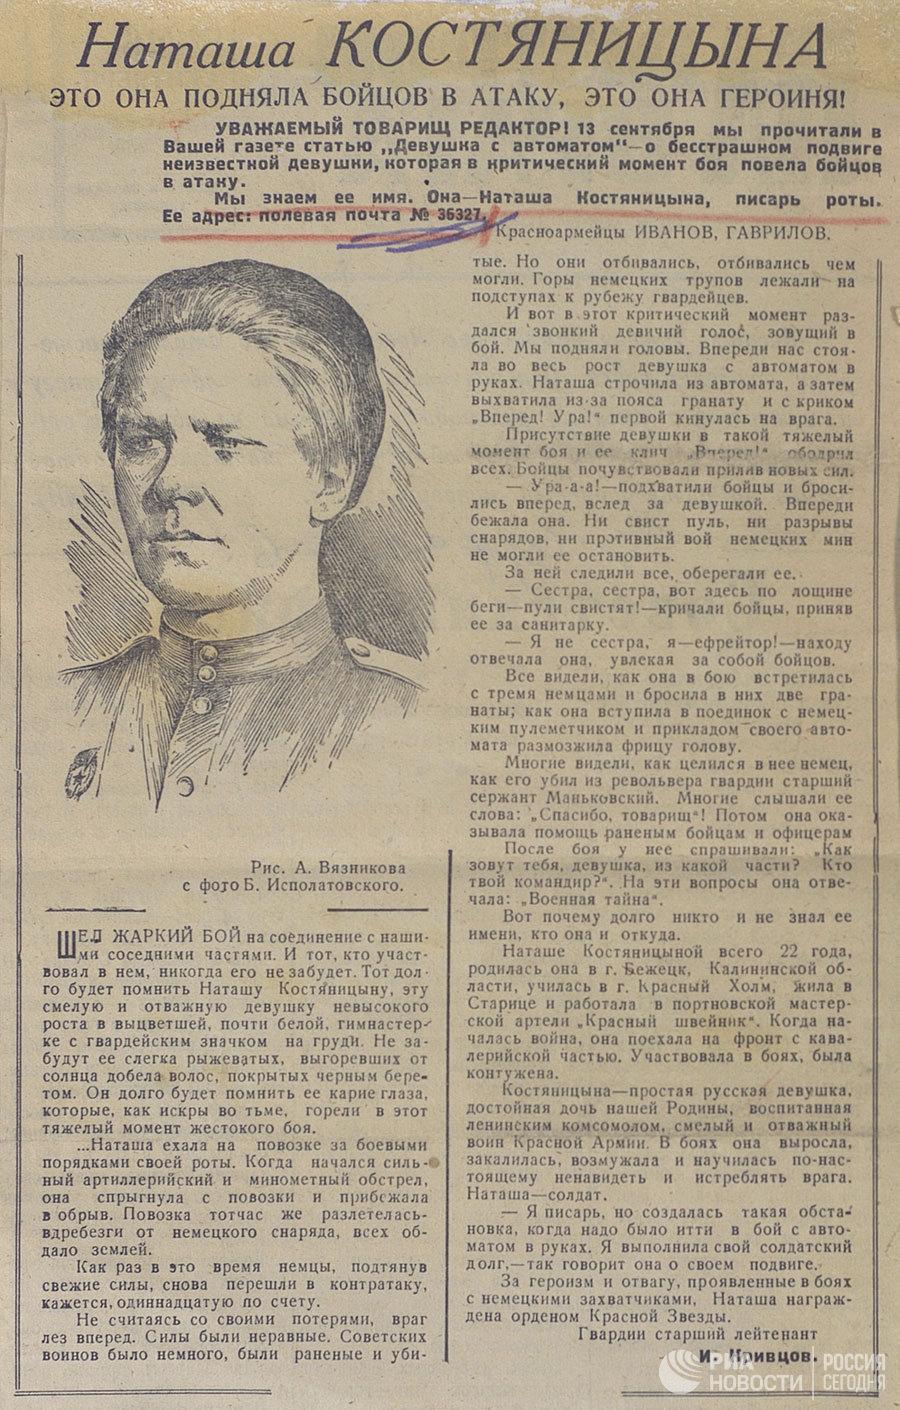 Статья из фронтовой газеты о Наталье Костяницывой, которая в критический момент боя повела бойцов в атаку